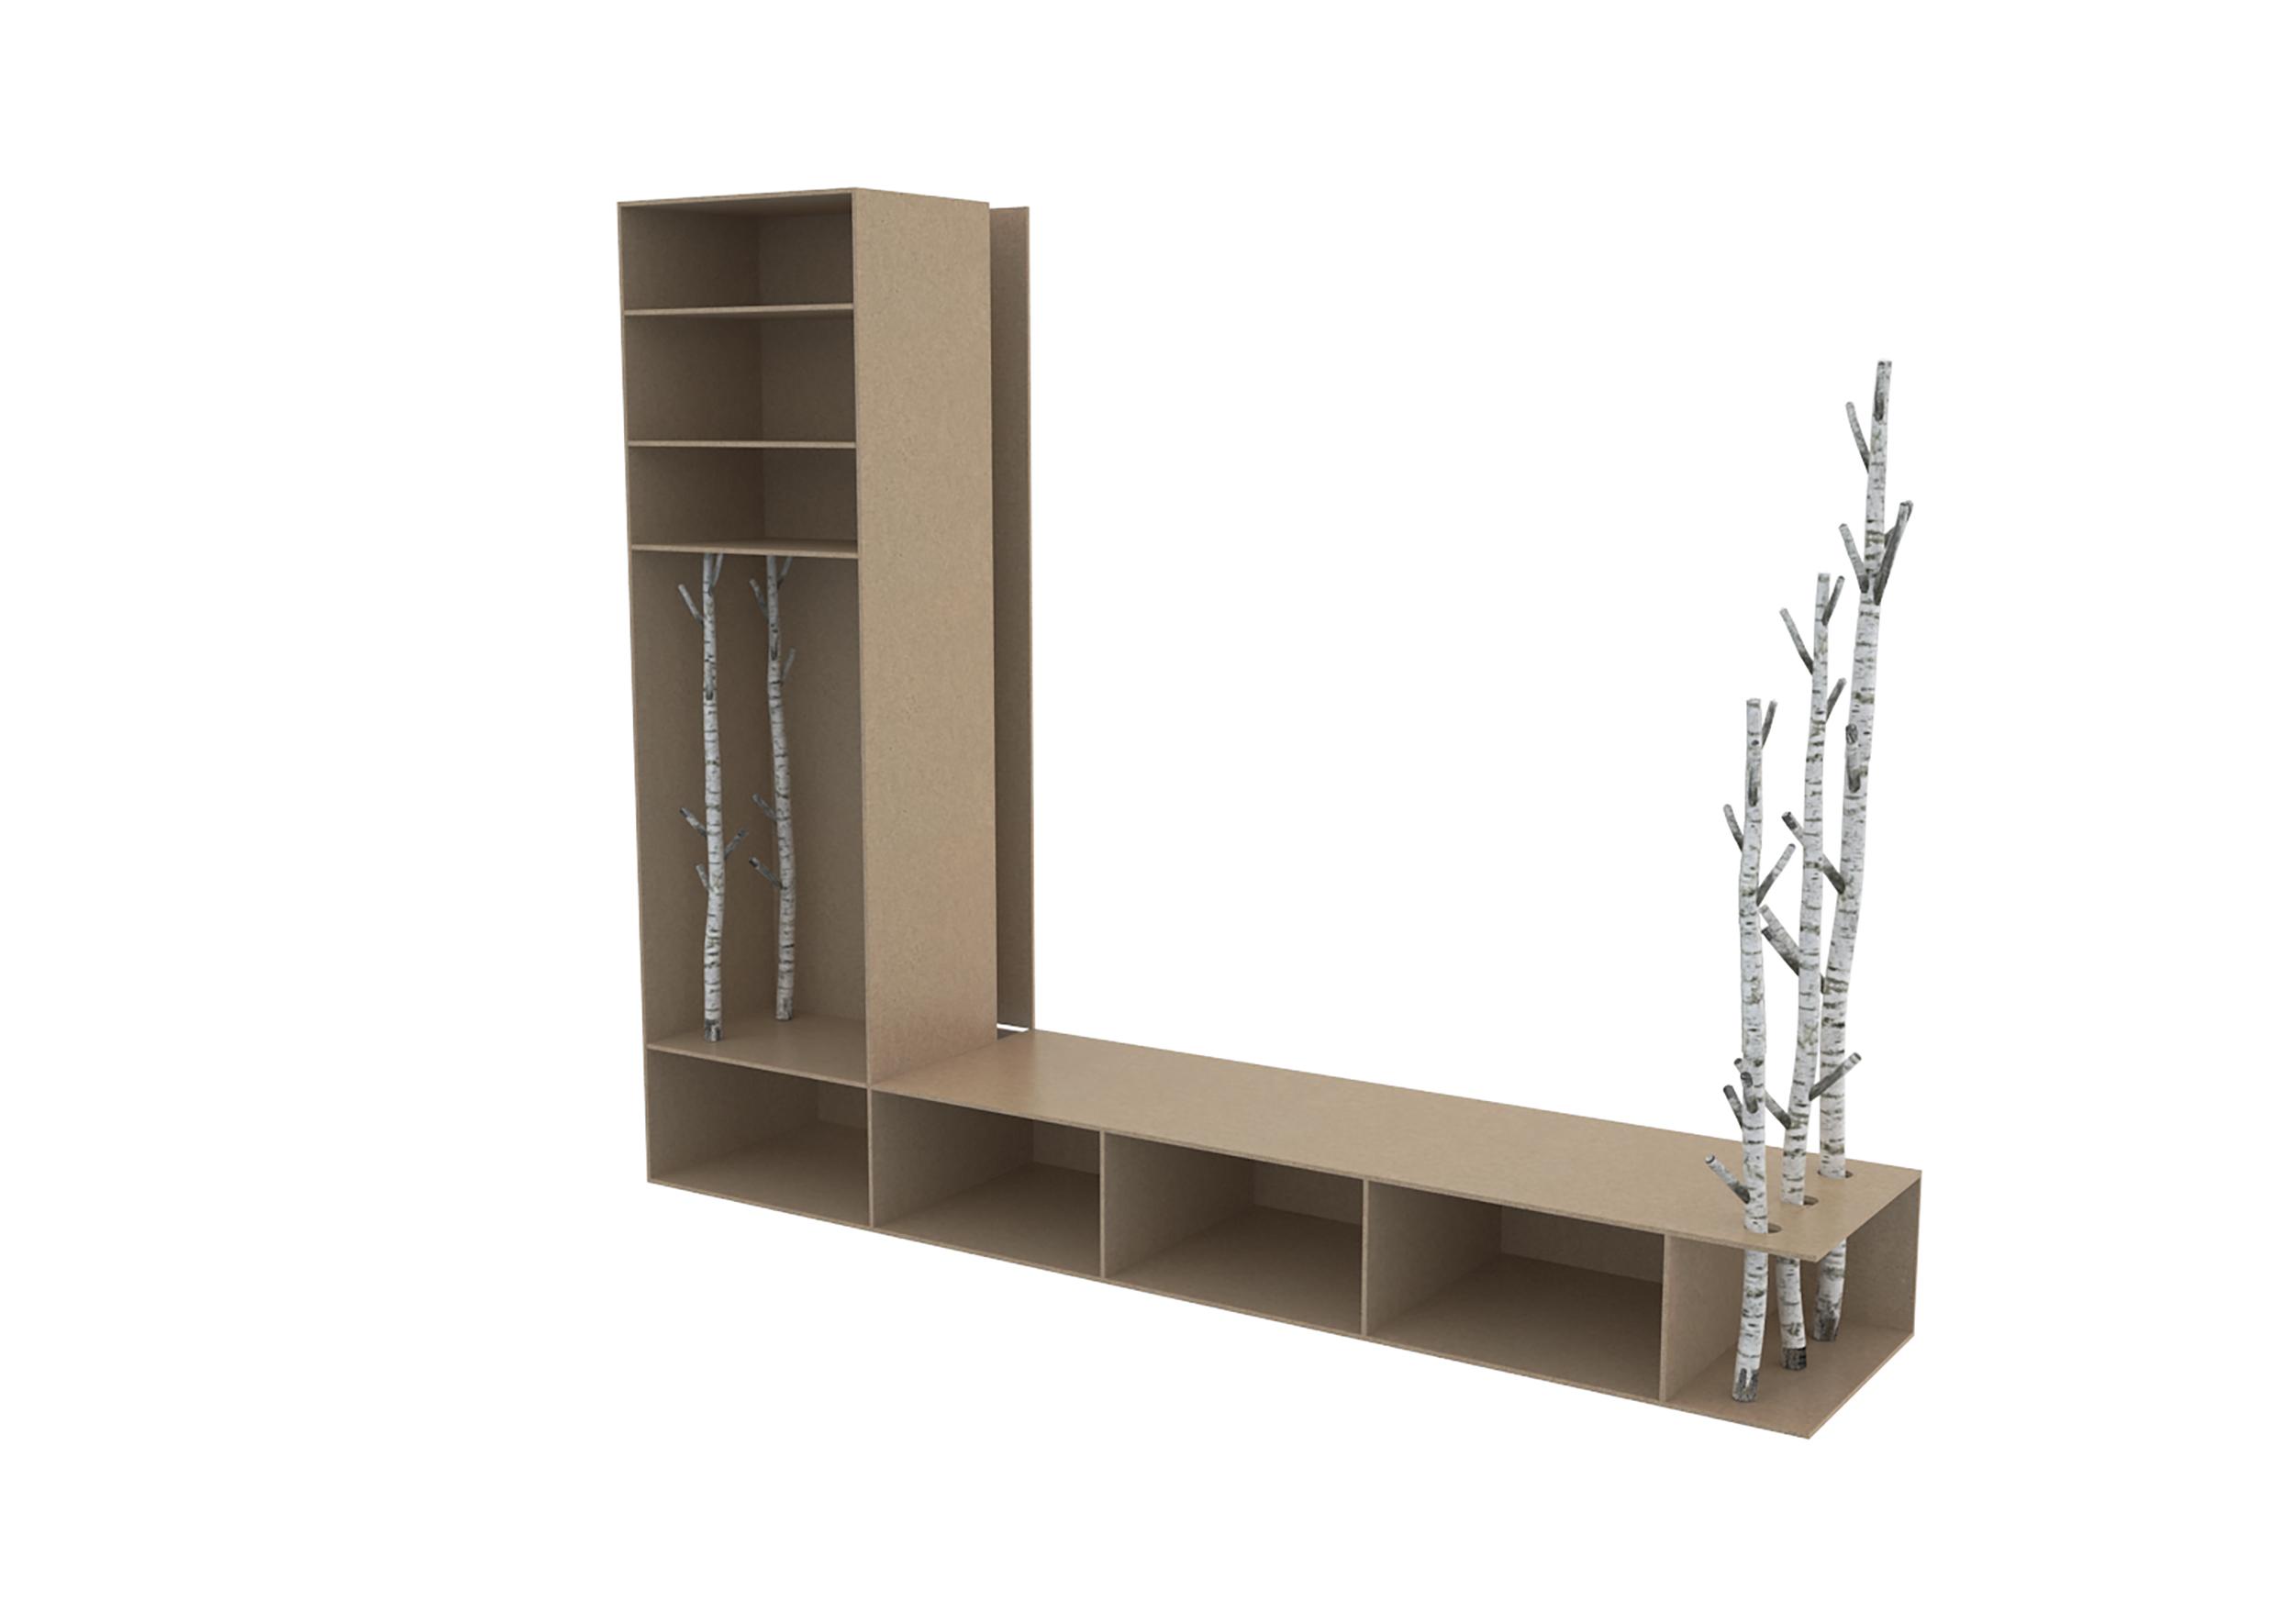 Illustrations 3D schéma de montage du meuble Par Dripmoon